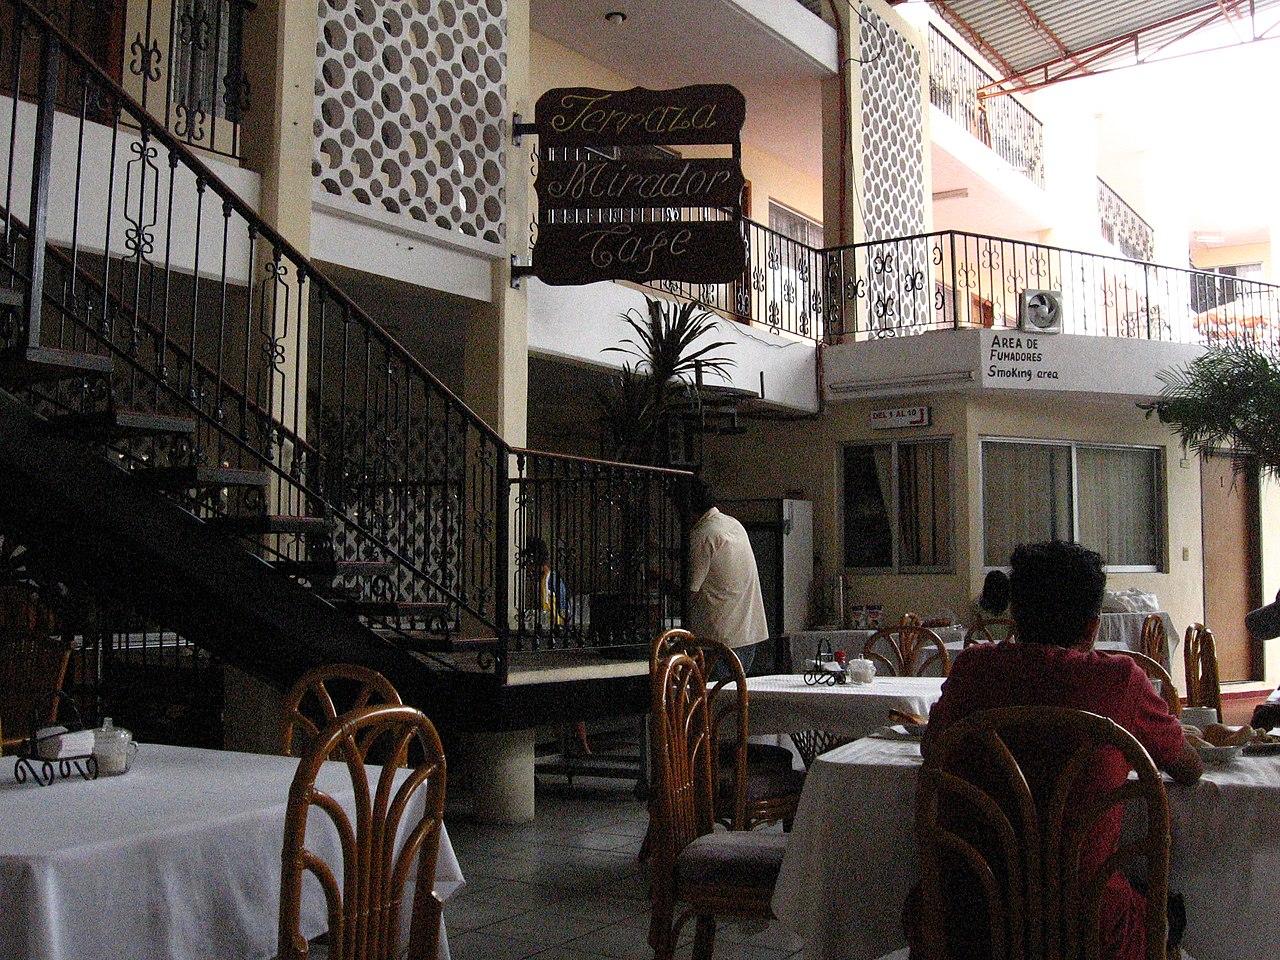 File Terraza Mirador Cafe Jpg Wikimedia Commons